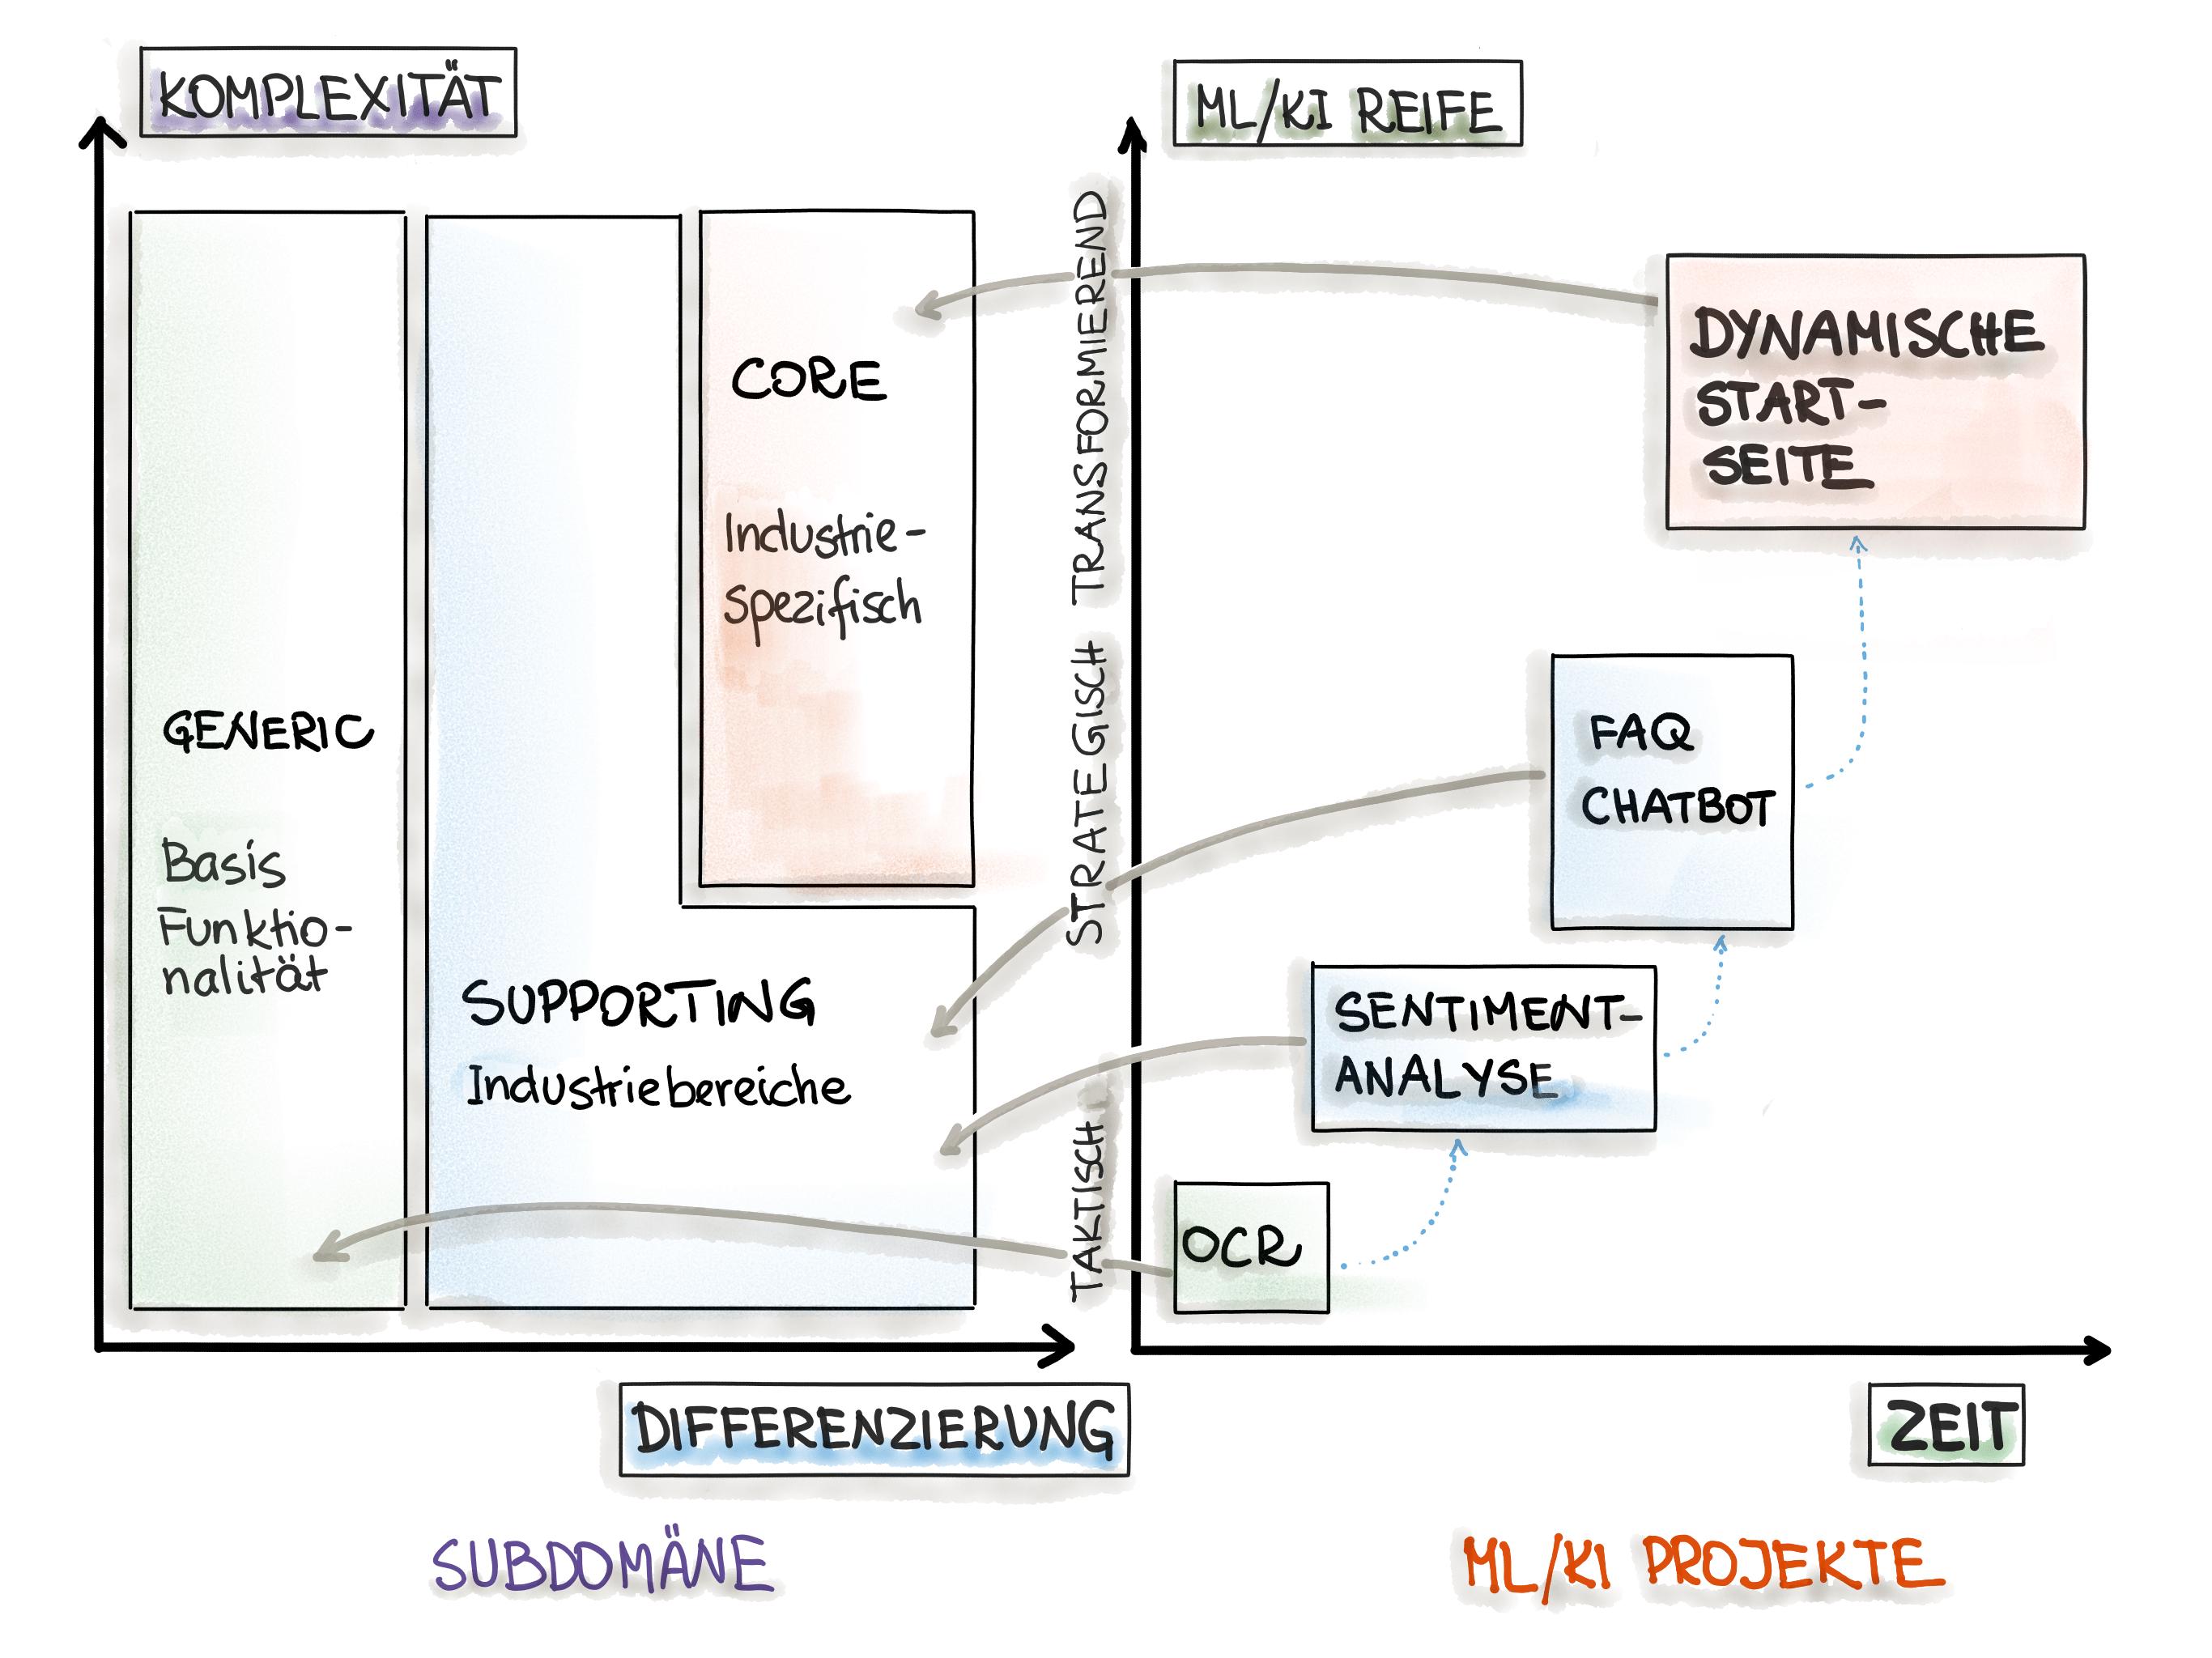 Einordnung der ML/KI-Anwendungsfälle in die Subdomäne-Kategorien